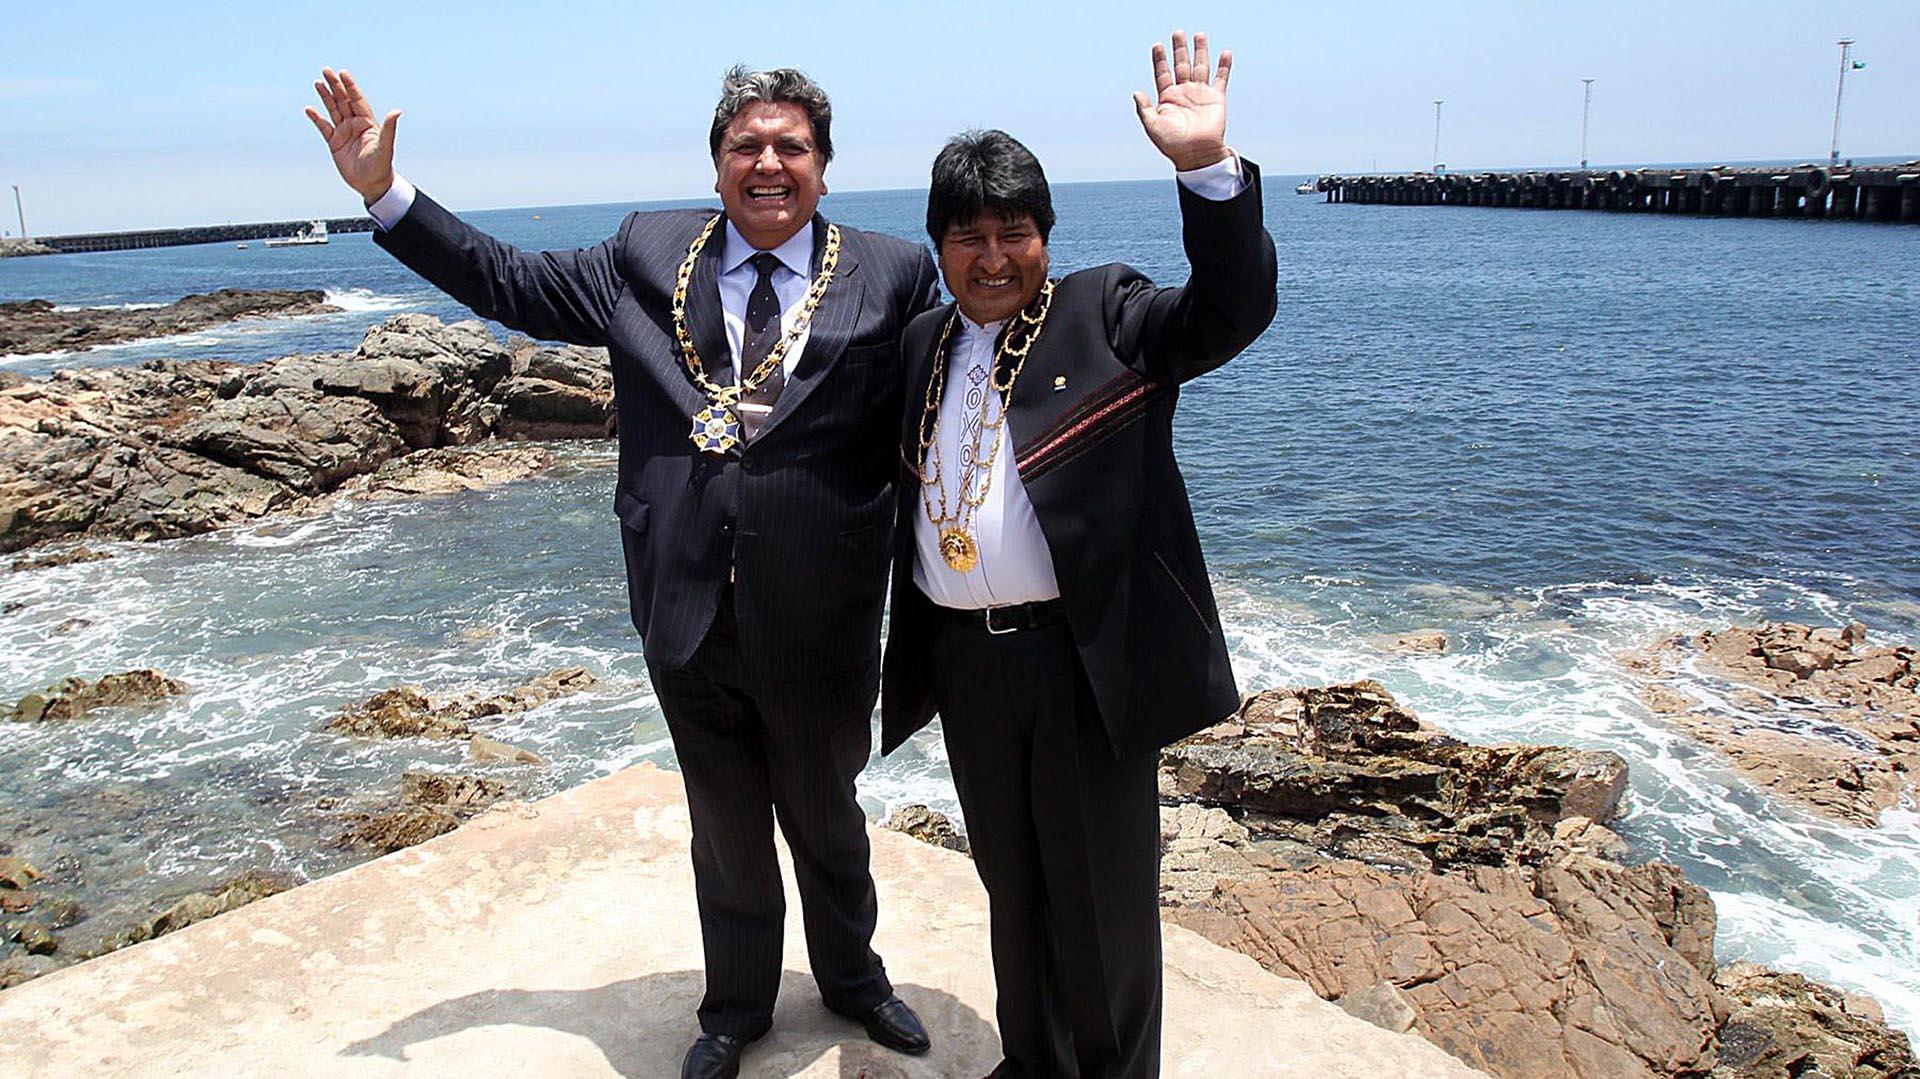 García posa con Evo Morales en el puerto de Ilo, en el sur del Perú, durante conversaciones para un acceso soberano de Bolivia al mar